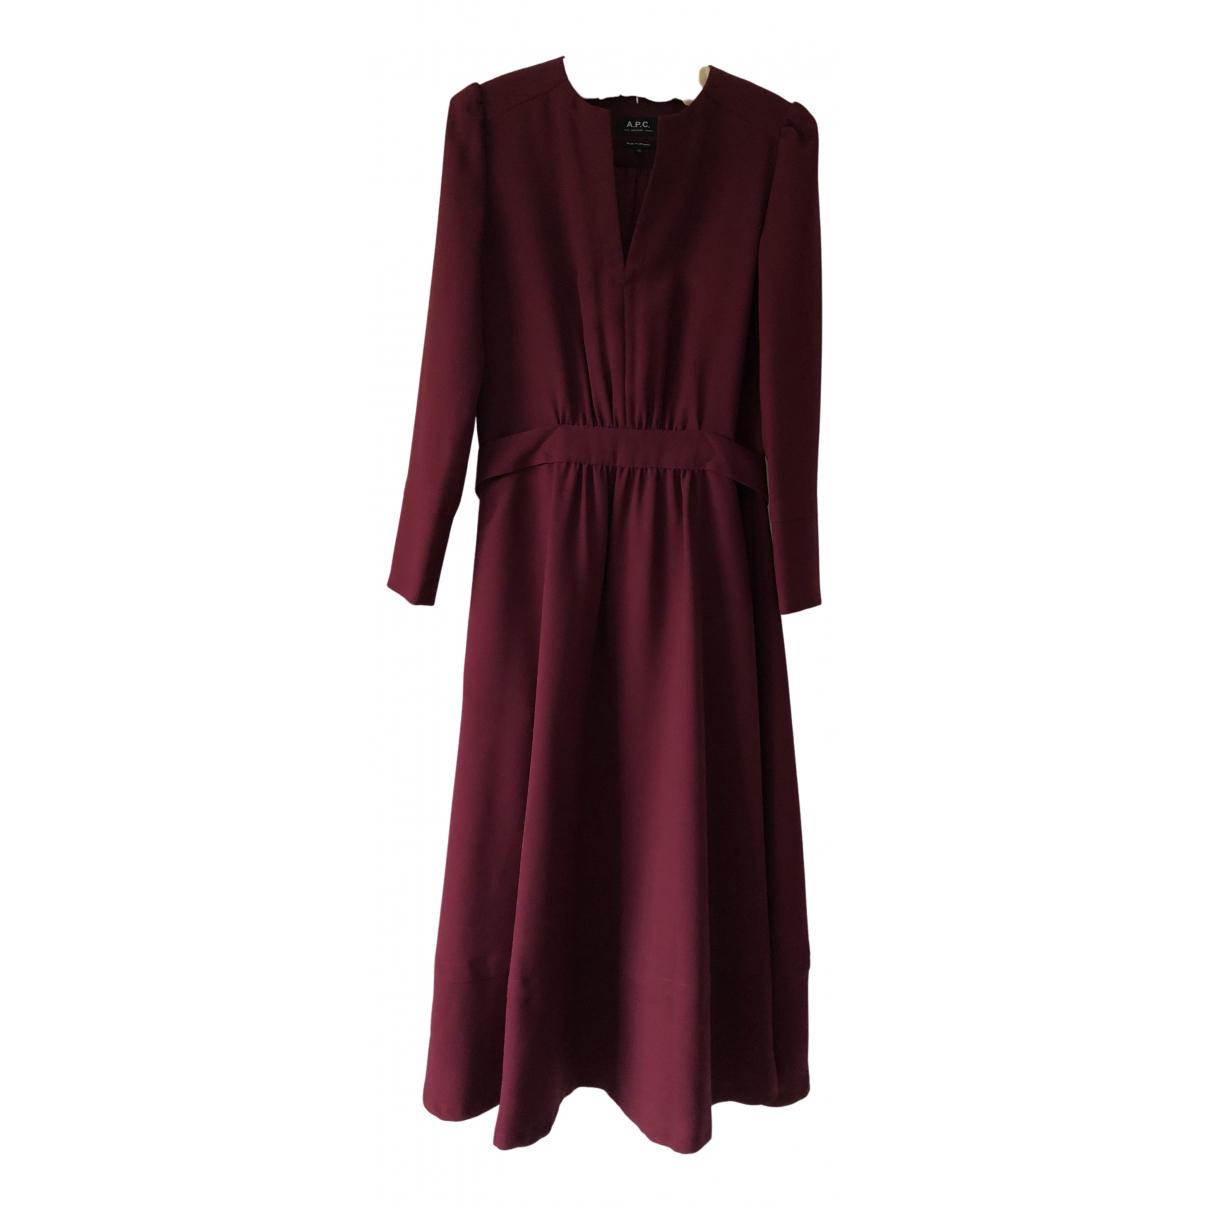 Apc \N Kleid in  Bordeauxrot Polyester